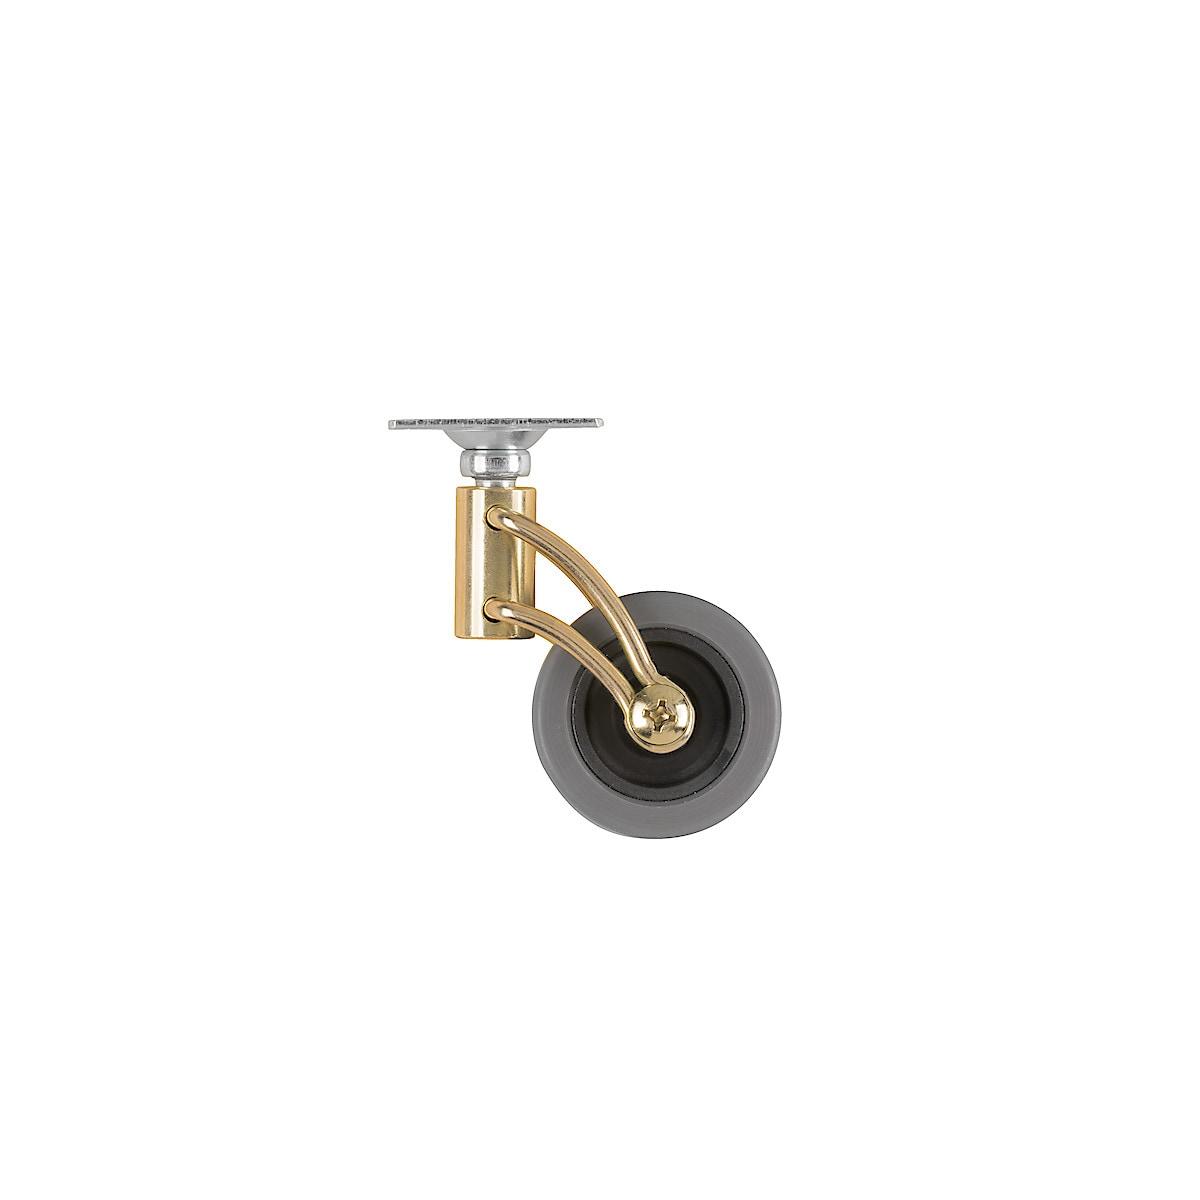 Möbelhjul med mässingsbygel